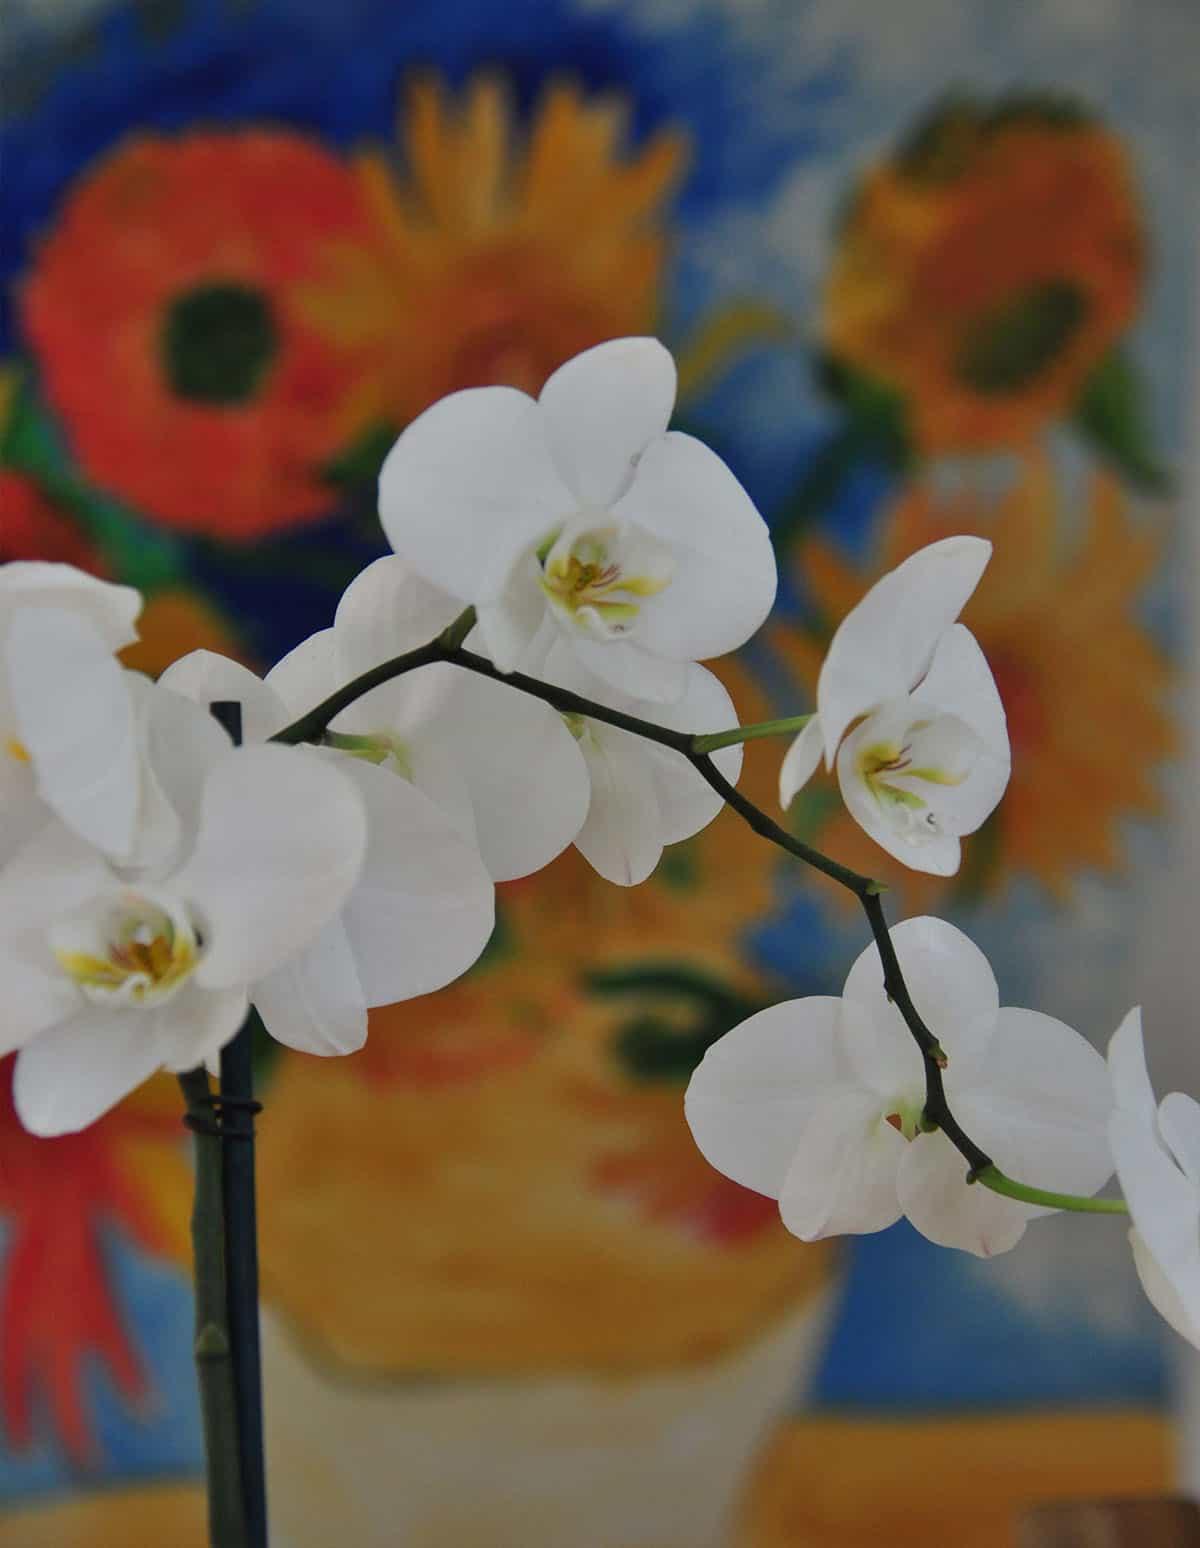 סחלב לבן על רקע ציור צבעוני תלוי על קיר בית פרטי בהוד השרון - שירית דרמן מעצבת פנים